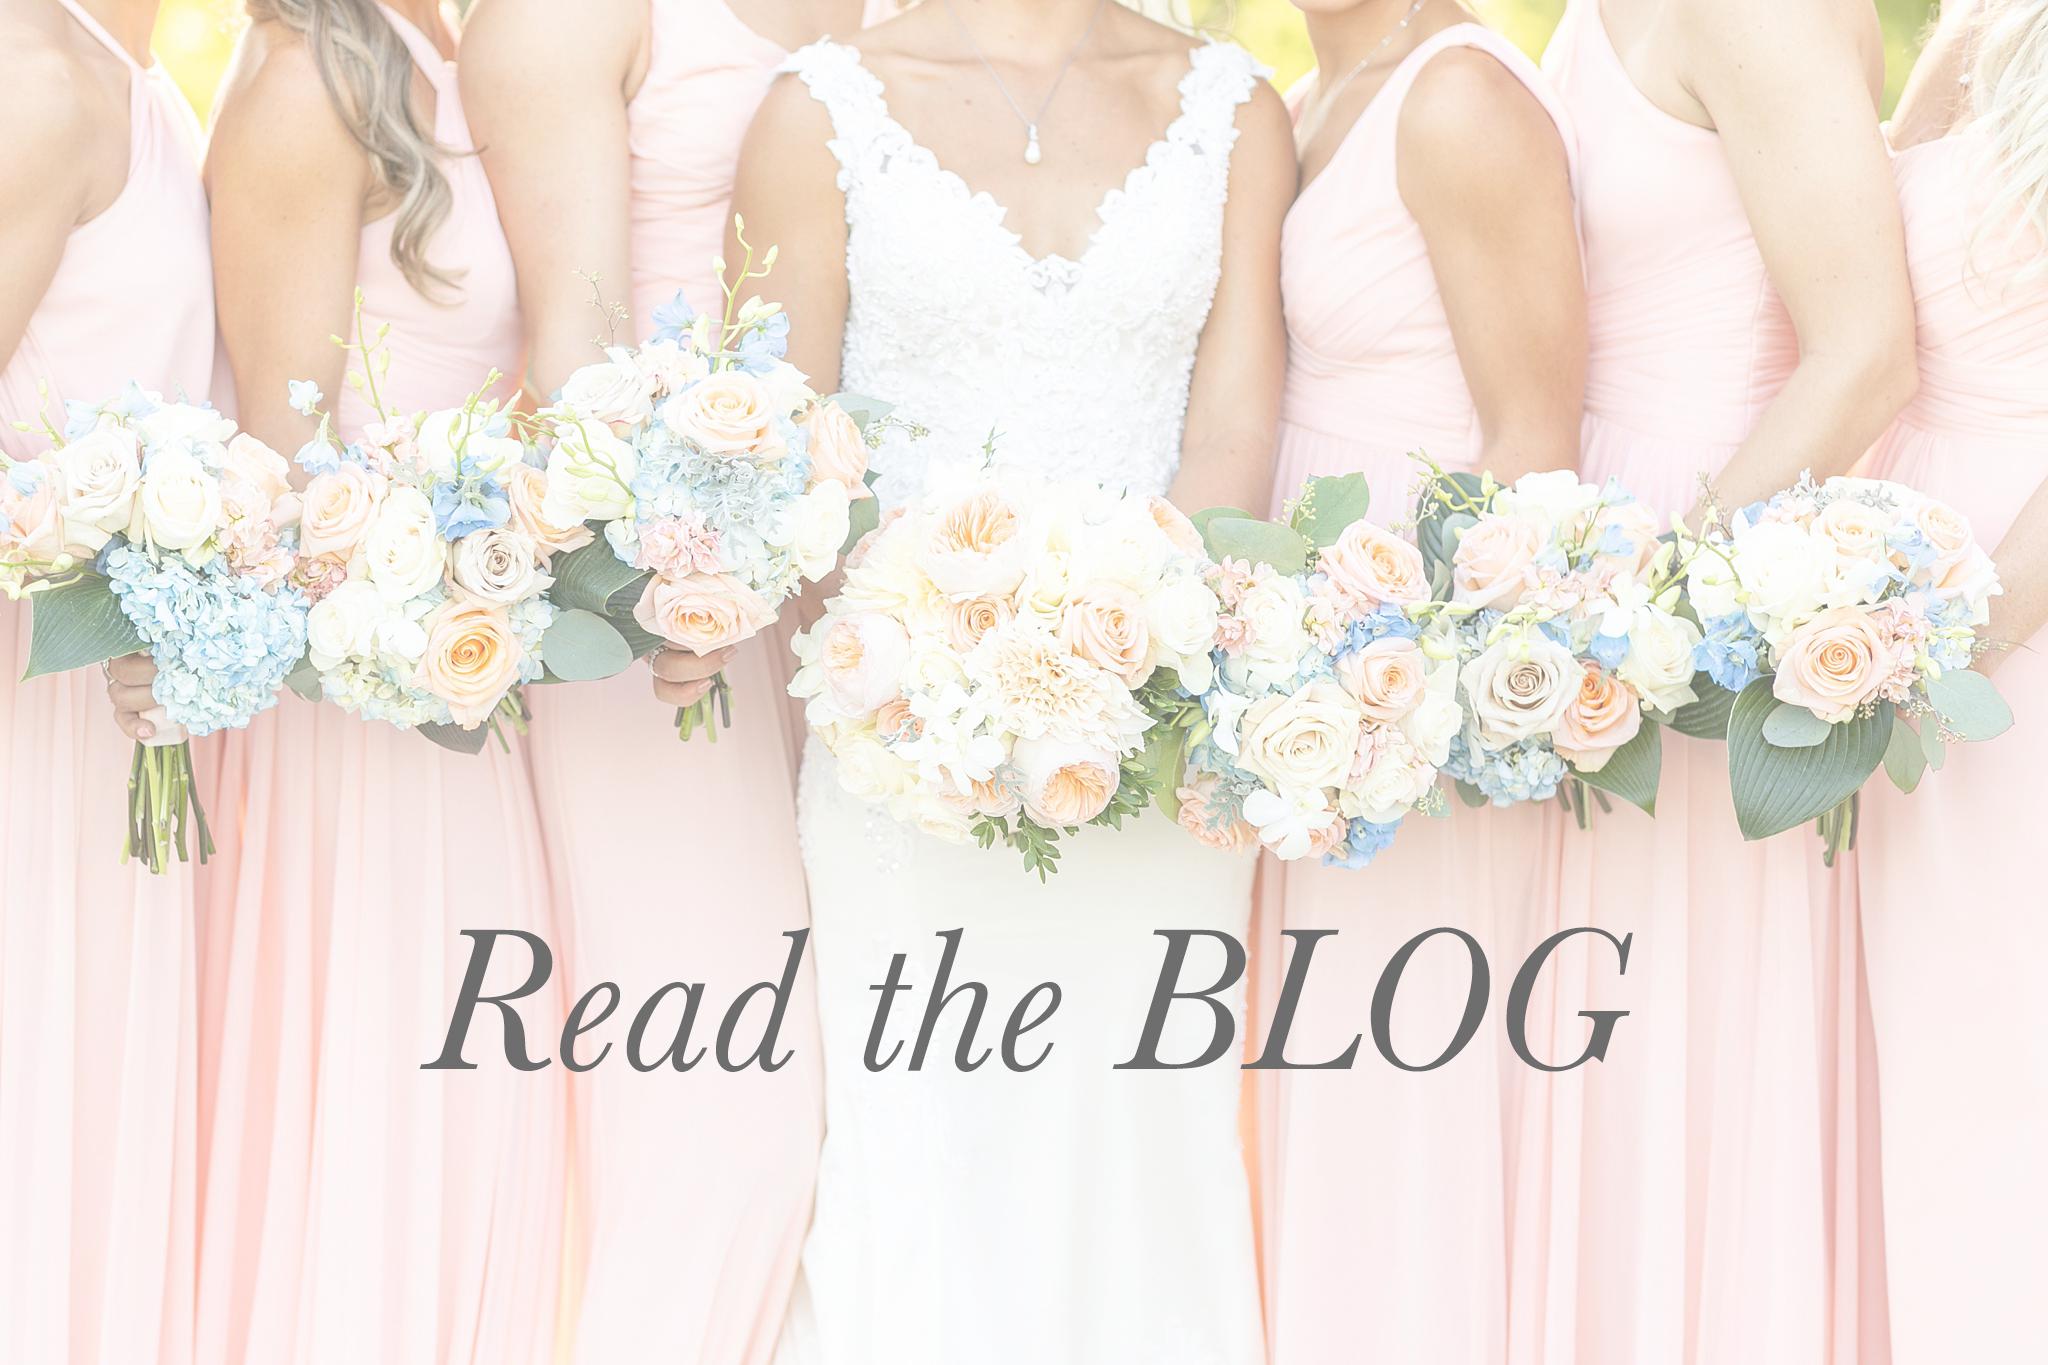 readtheblog.png